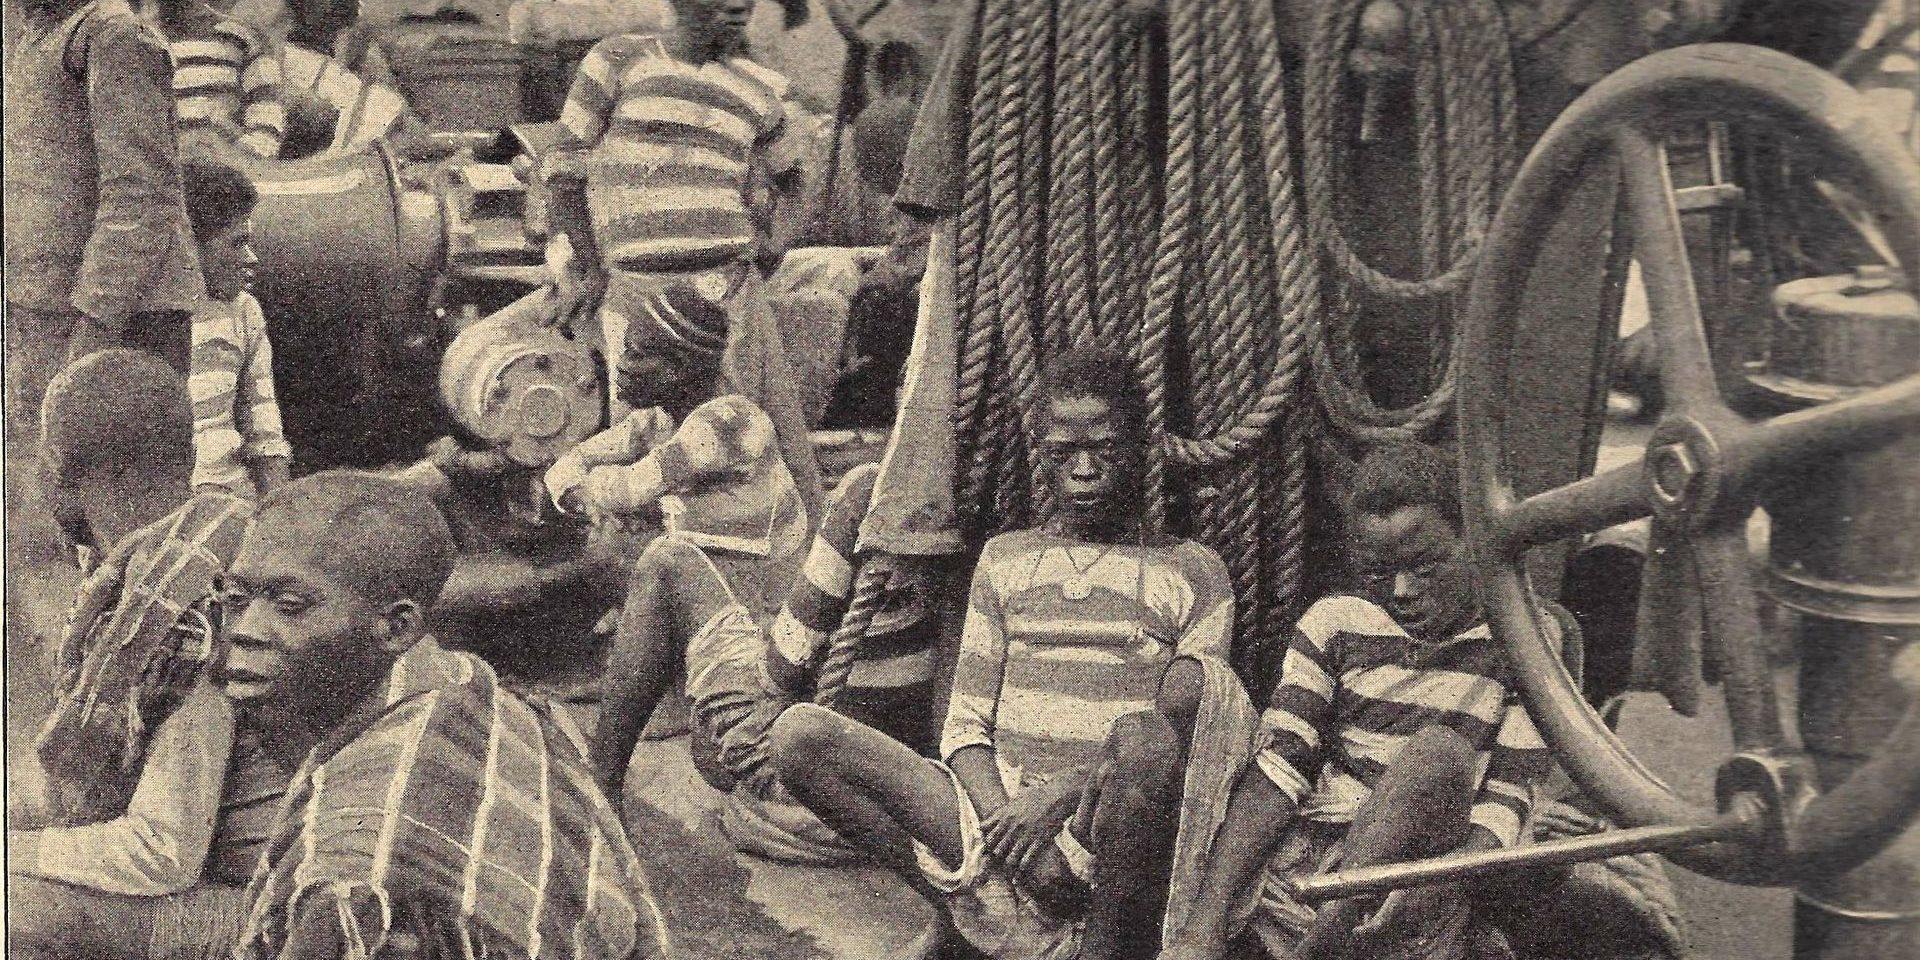 Esclaves sur le pont d'un navire, vers 1900.